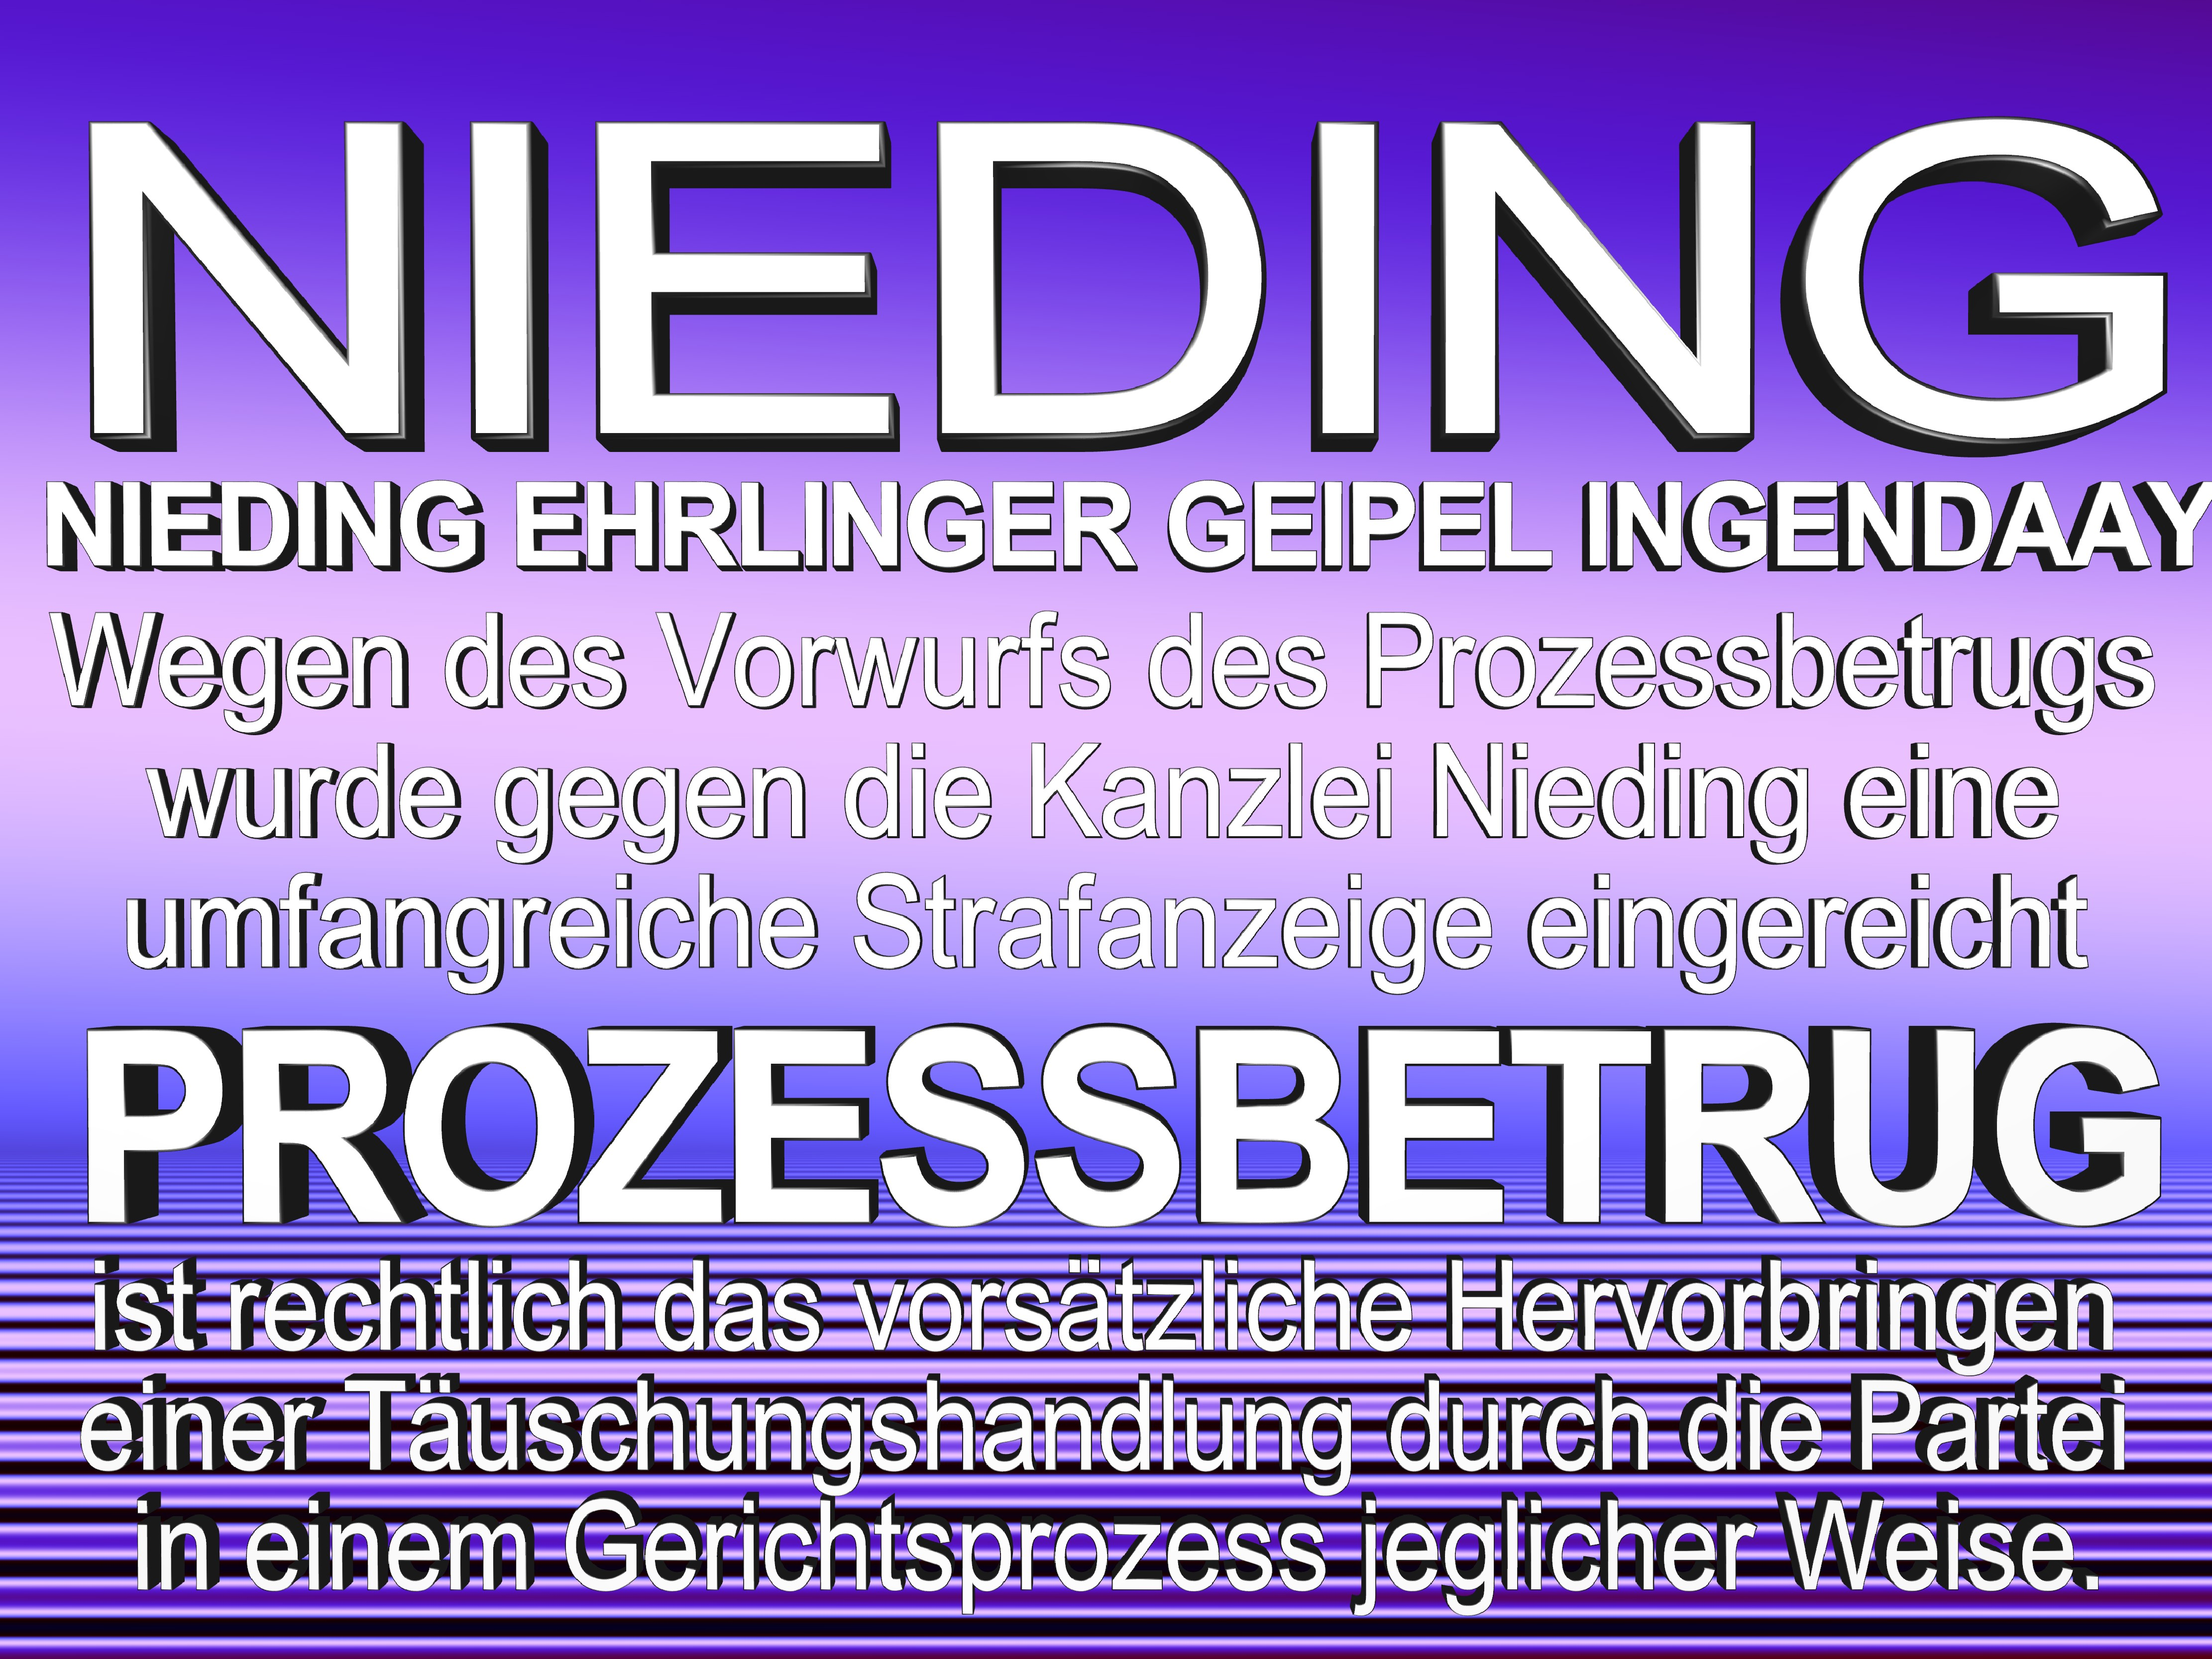 NIEDING EHRLINGER GEIPEL INGENDAAY LELKE Kurfürstendamm 66 Berlin (5)